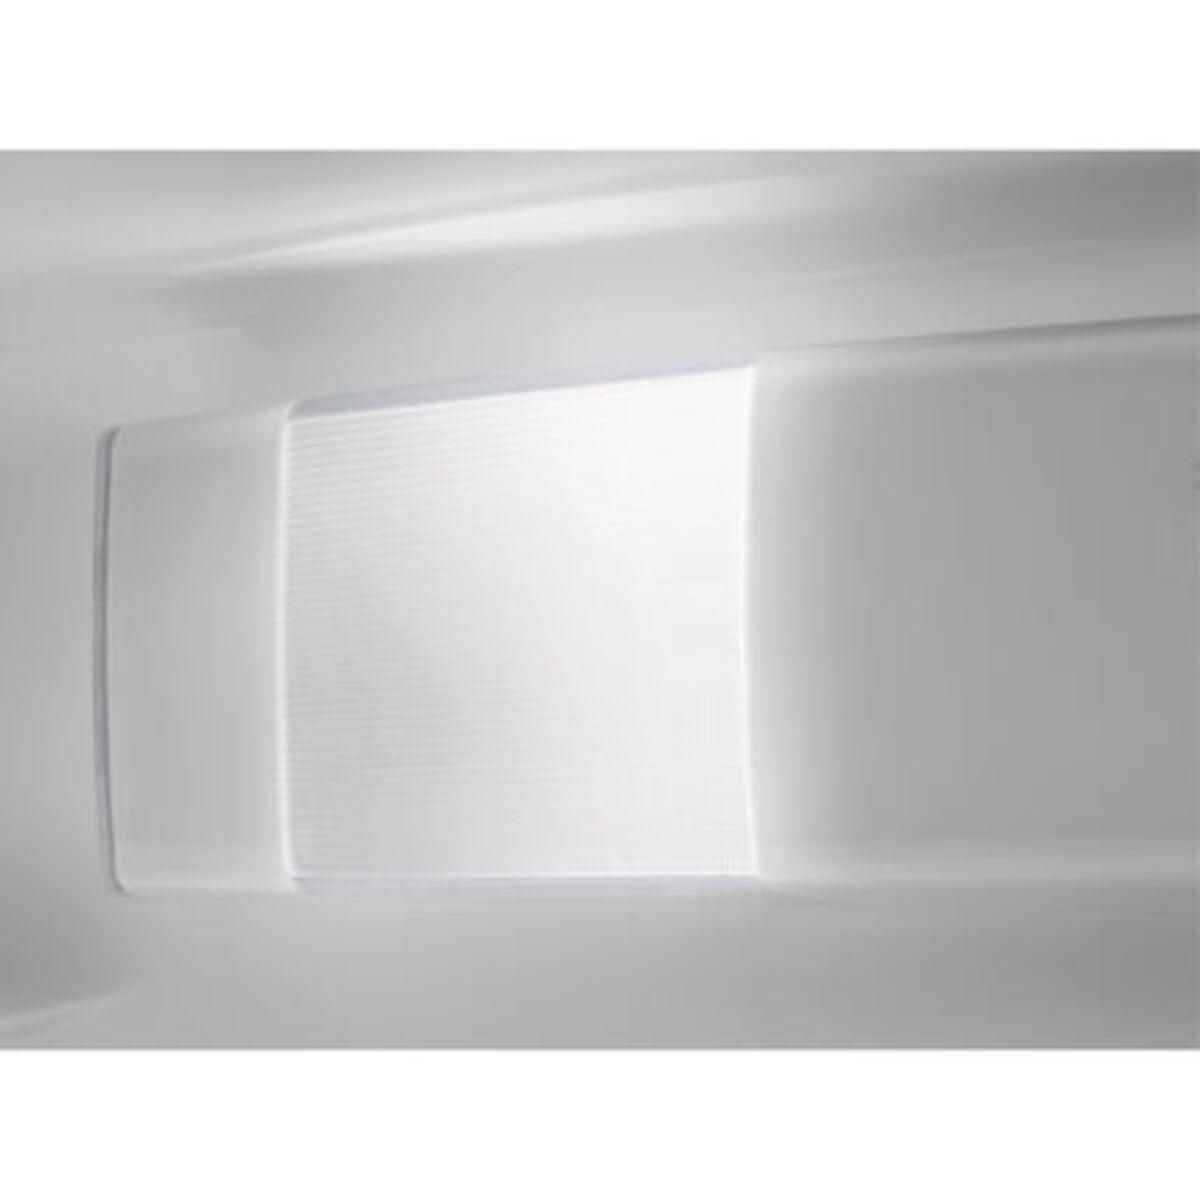 Bild 4 von AEG Santo SFA7882AAS Einbau-Kühlschrank, A++